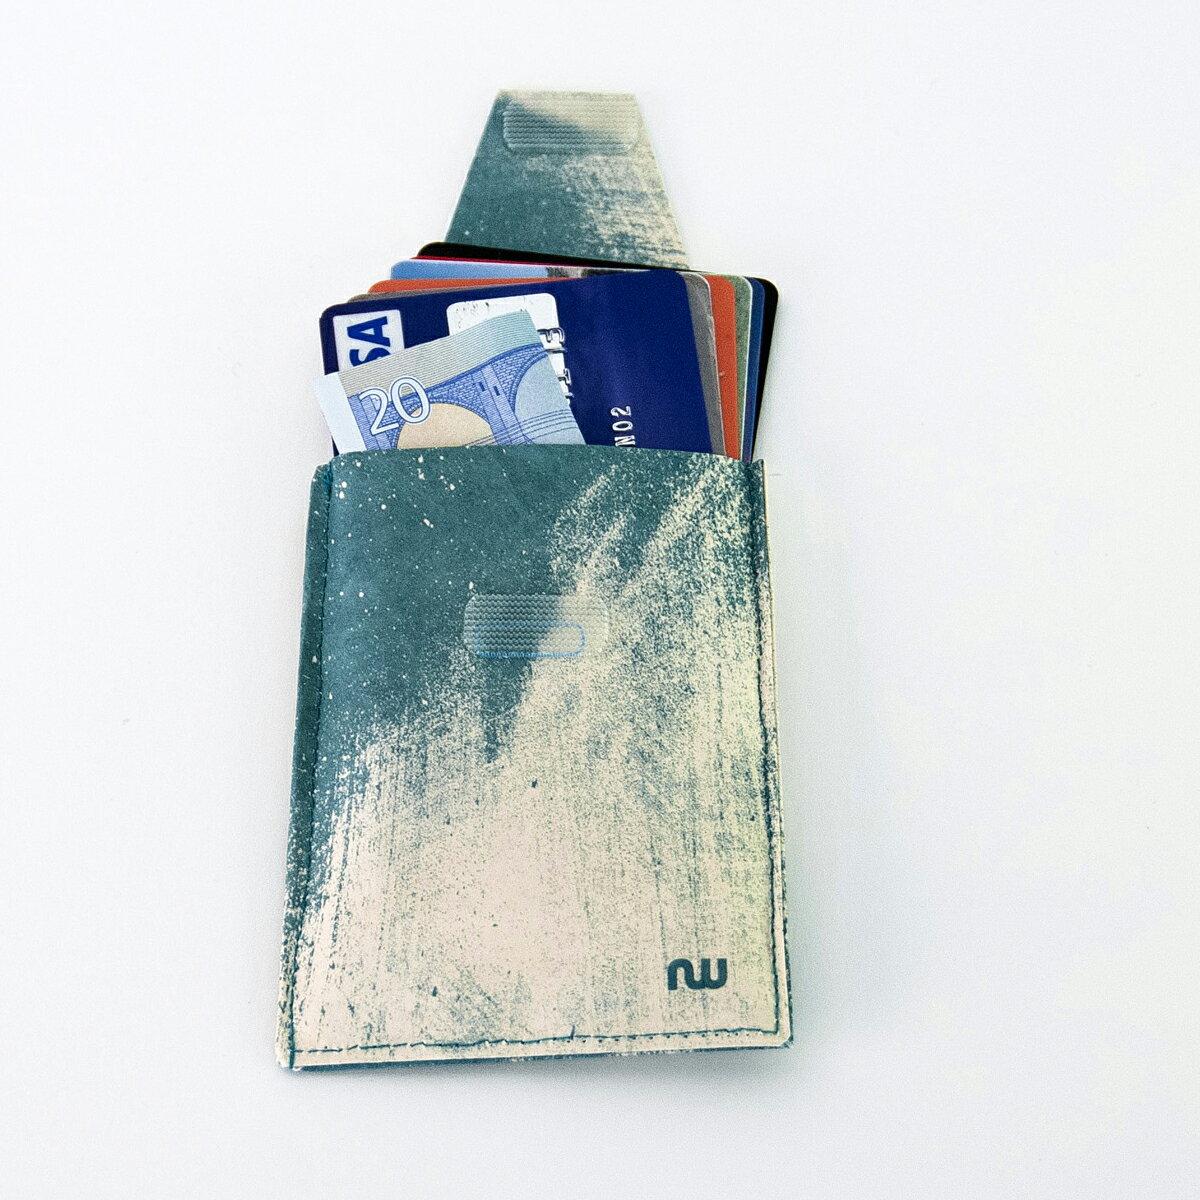 カードケース ポイントカード スリム【送料無料】カードホルダー カード入れ タイベック 定期入れ パスケース 名刺入れ メンズ レディース 男性 女性 ベルギー製 made in Belgium card case card holder tyvek ギフト 祝い プレゼント 【NOWA Move Splash】